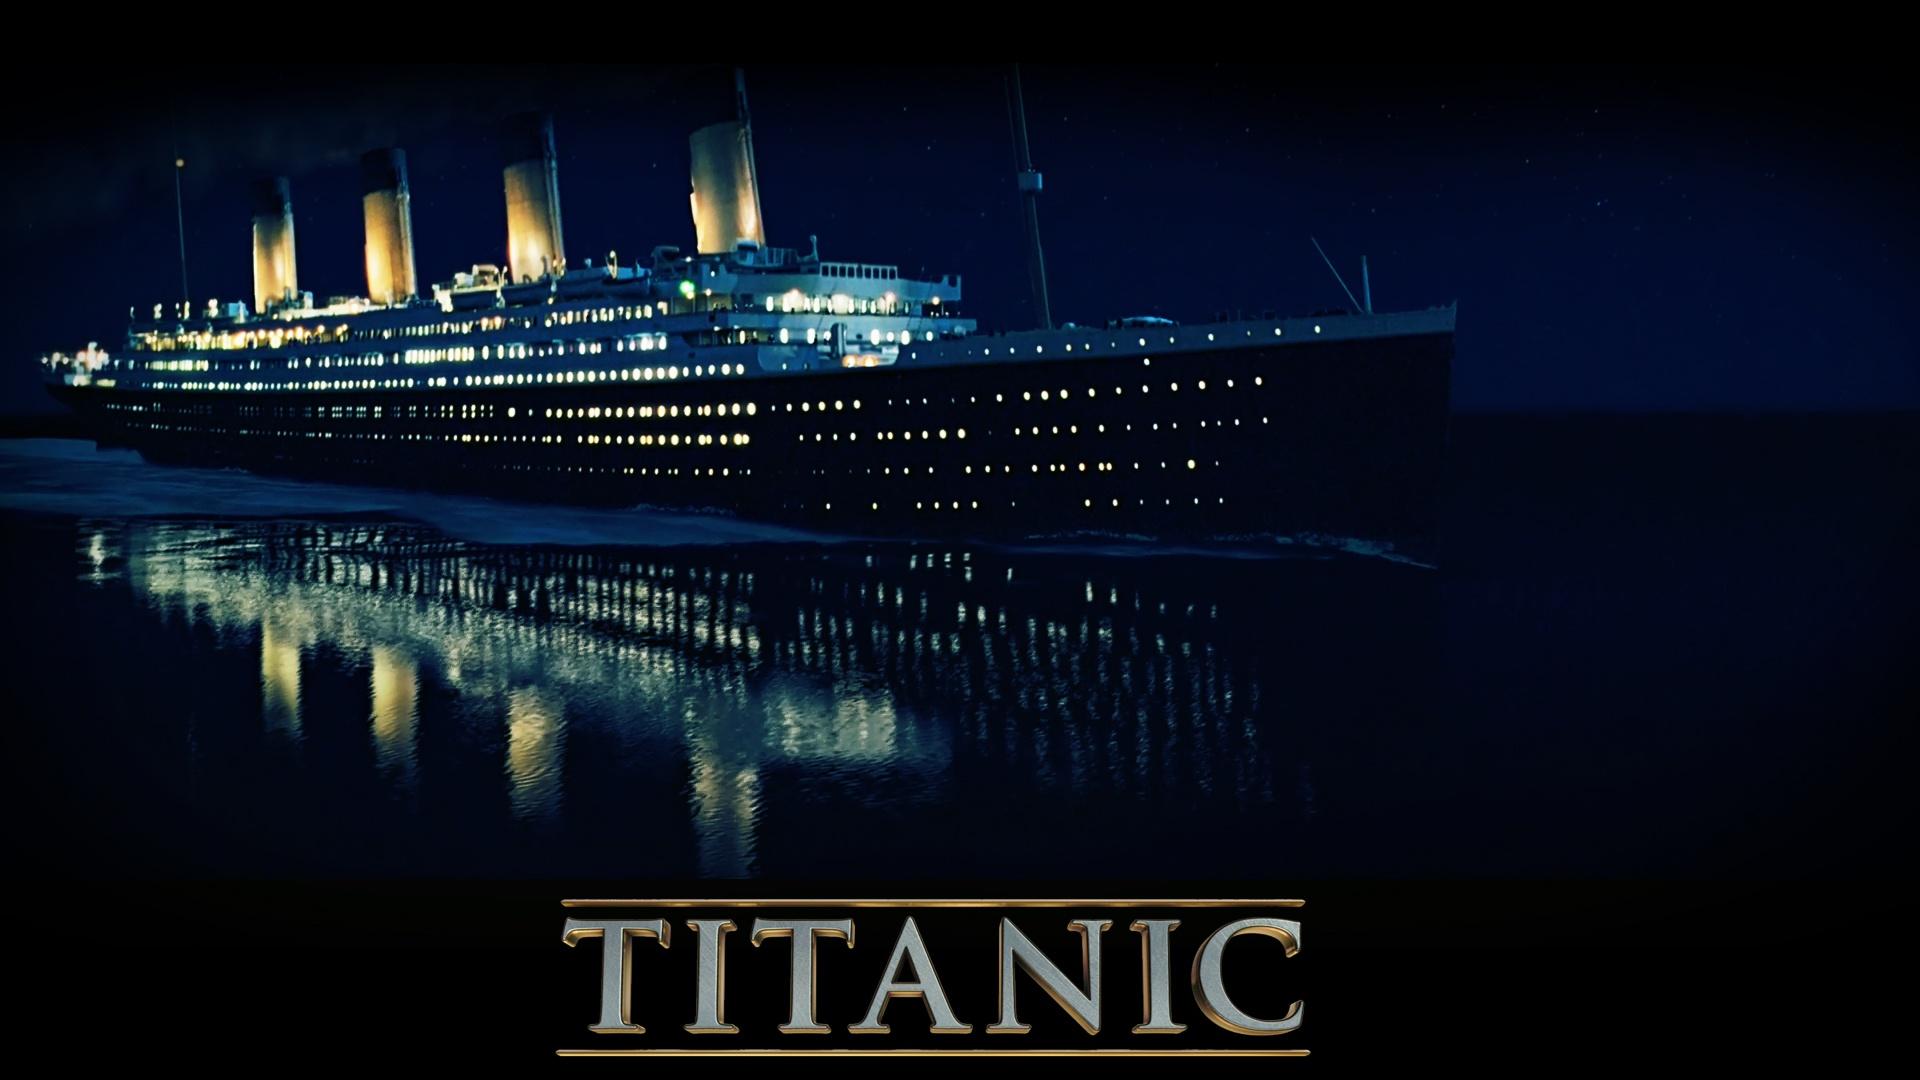 Titanic in 3D 1920x1080 Full HD 2K Hintergrundbilder, HD, Bild